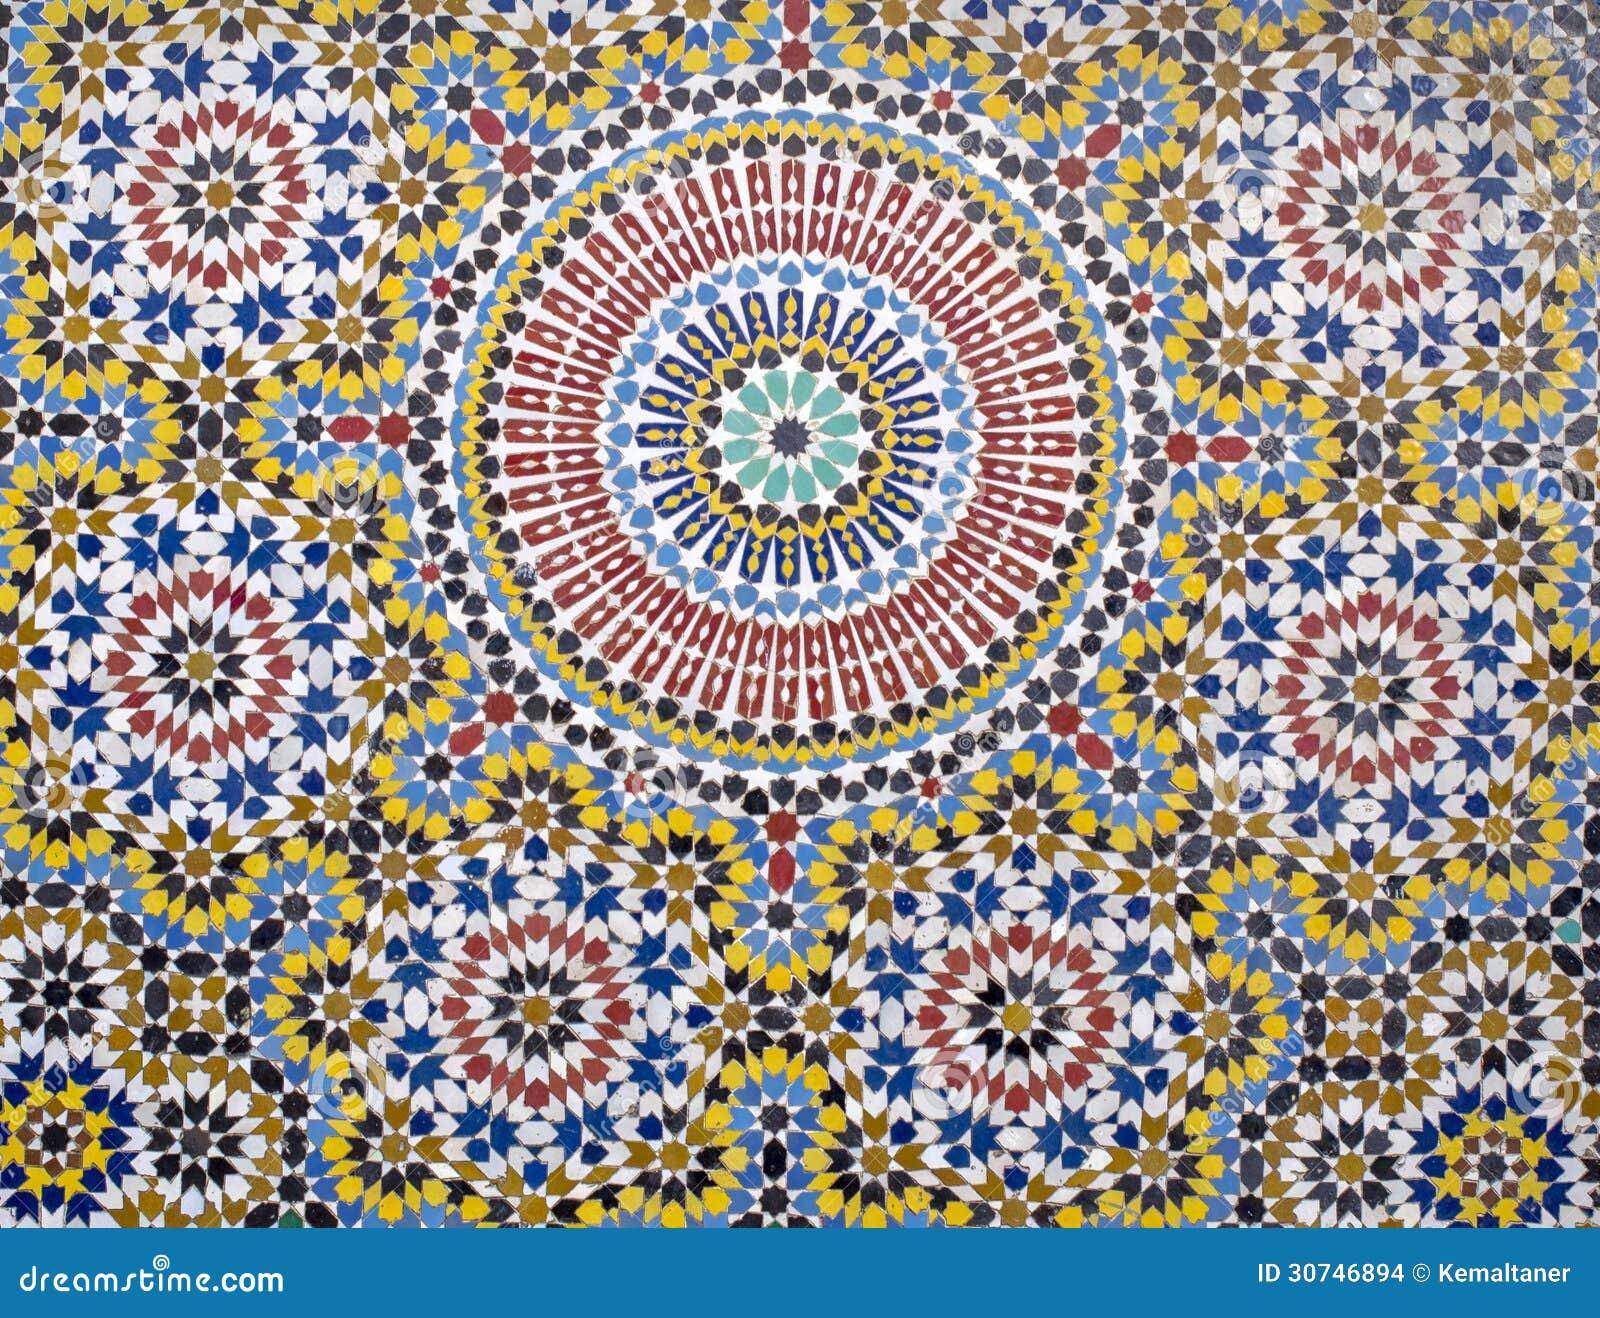 Marokkanische fliesen stockfoto bild von schicht for Marokkanische fliesen